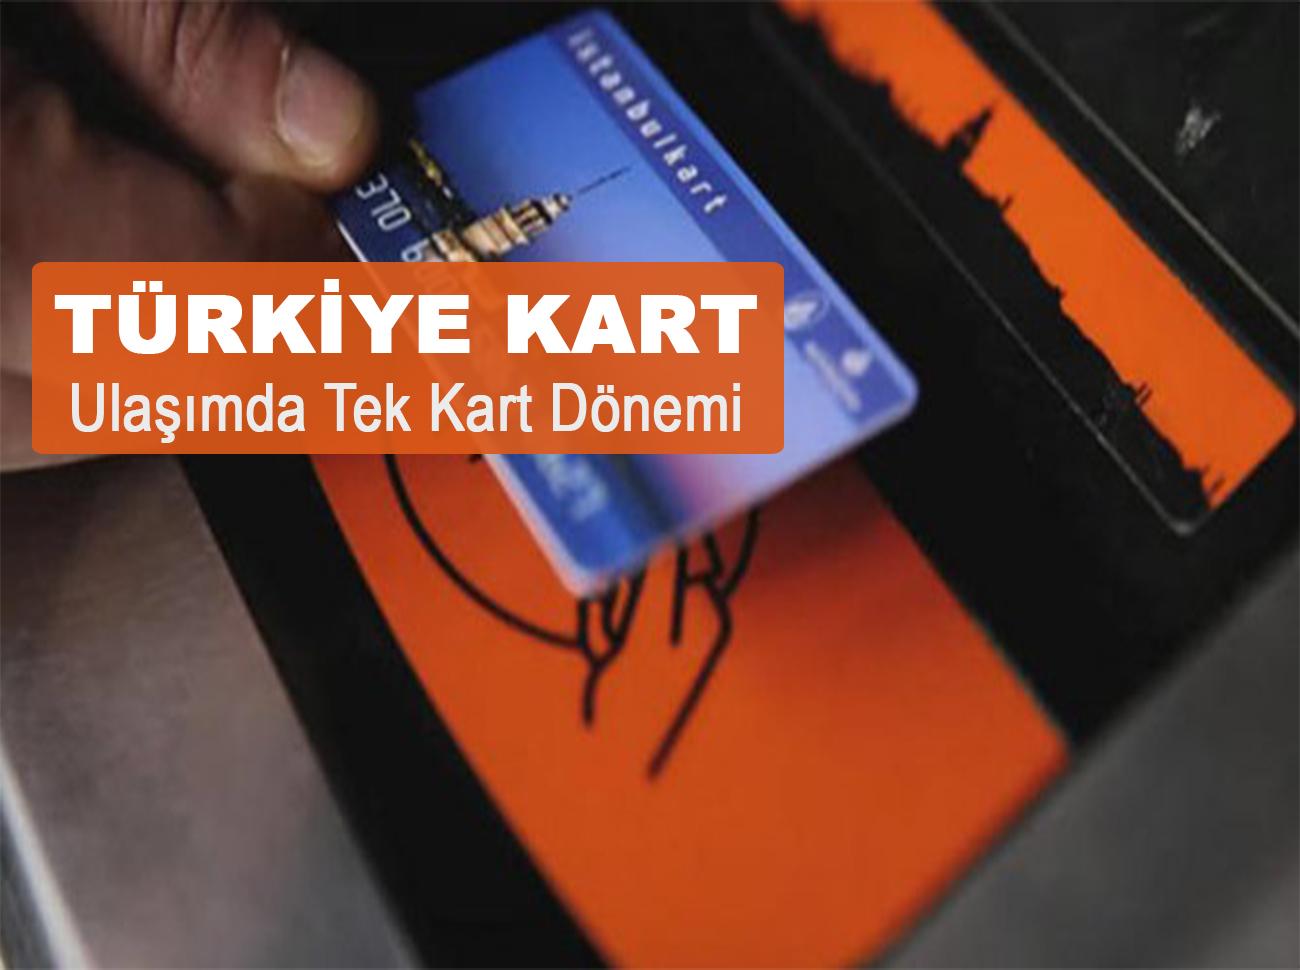 Türkiye Kart İle Ulaşımda Tek Kart Dönemi